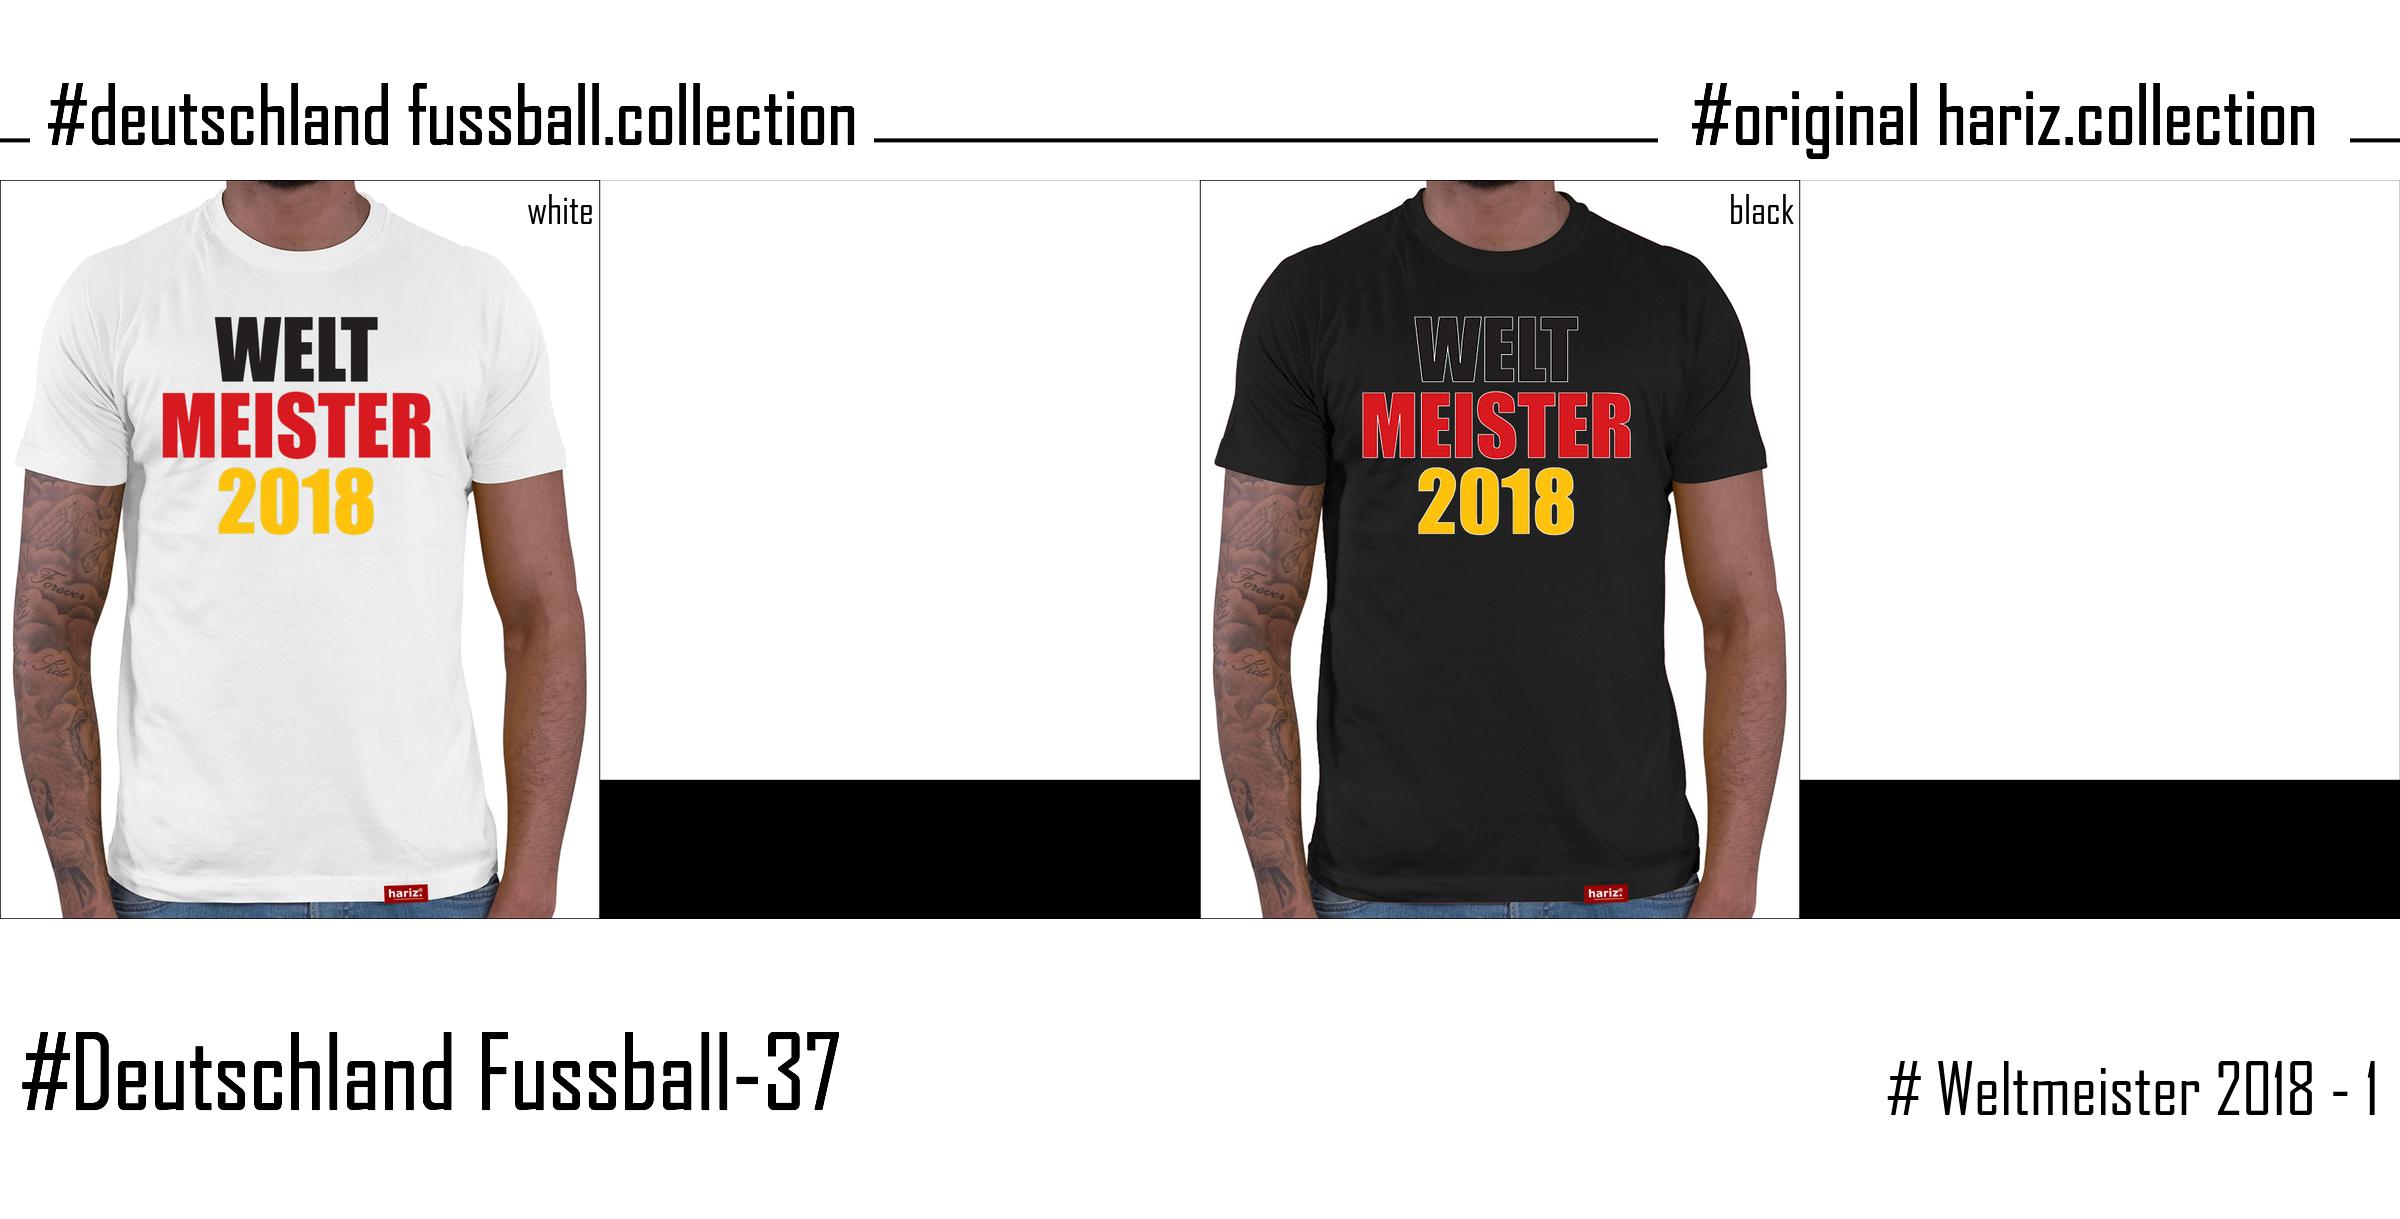 Fantastisch Fußball Färbung Galerie - Malvorlagen-Ideen ...